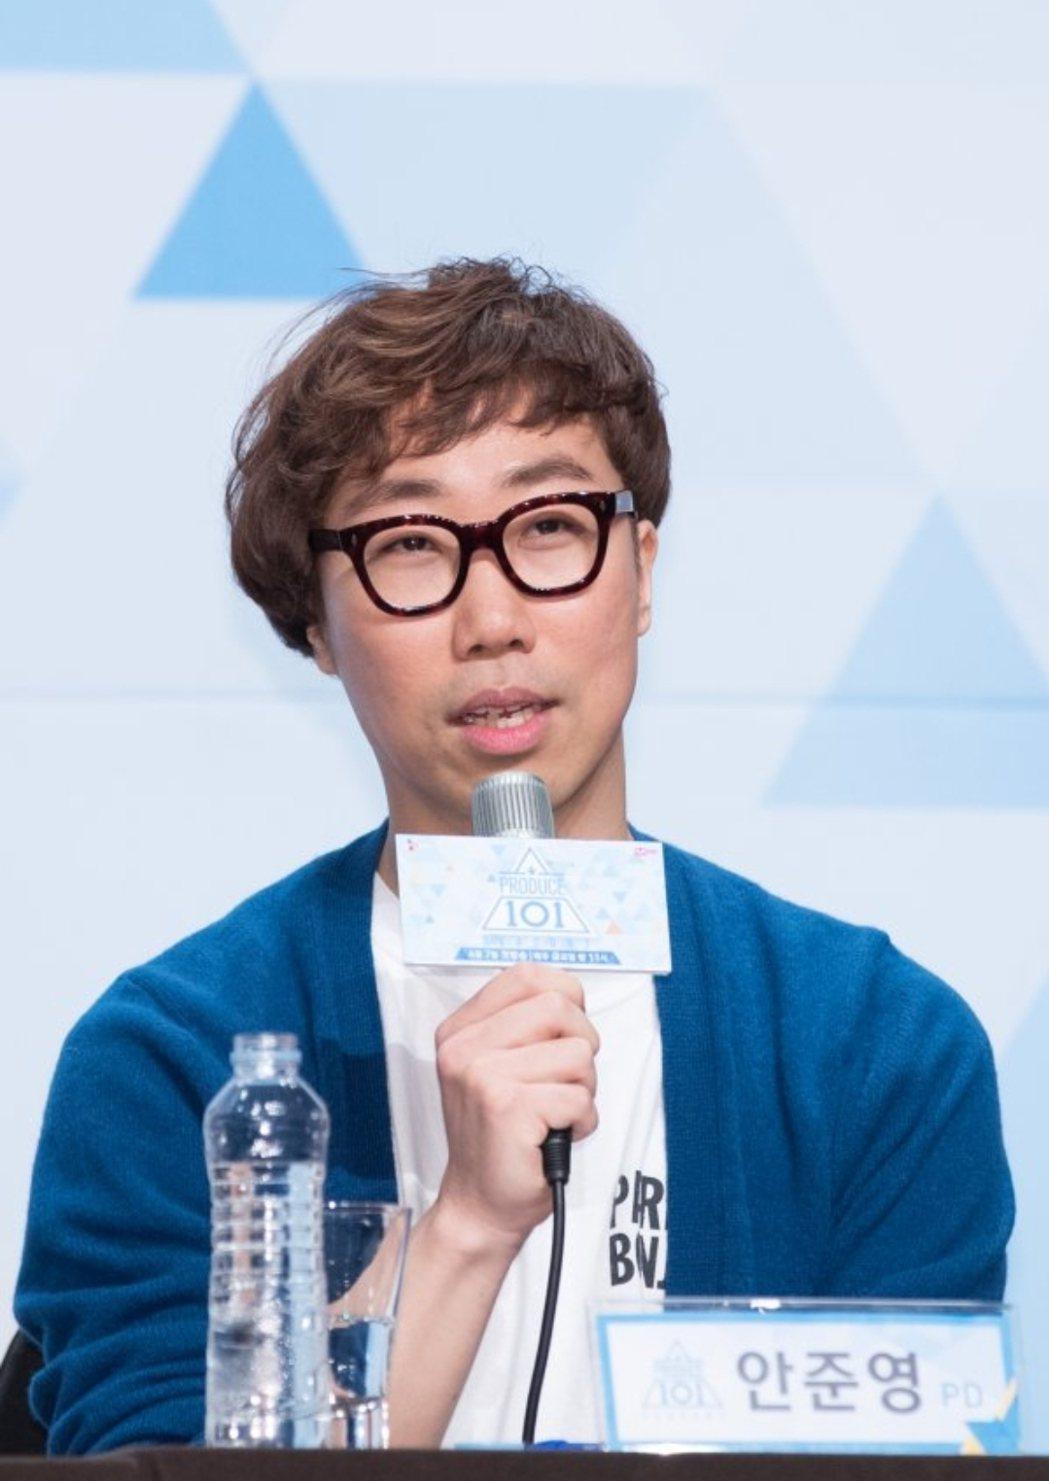 製作人安俊英在節目中呼風喚雨。圖/摘自CJ娛樂